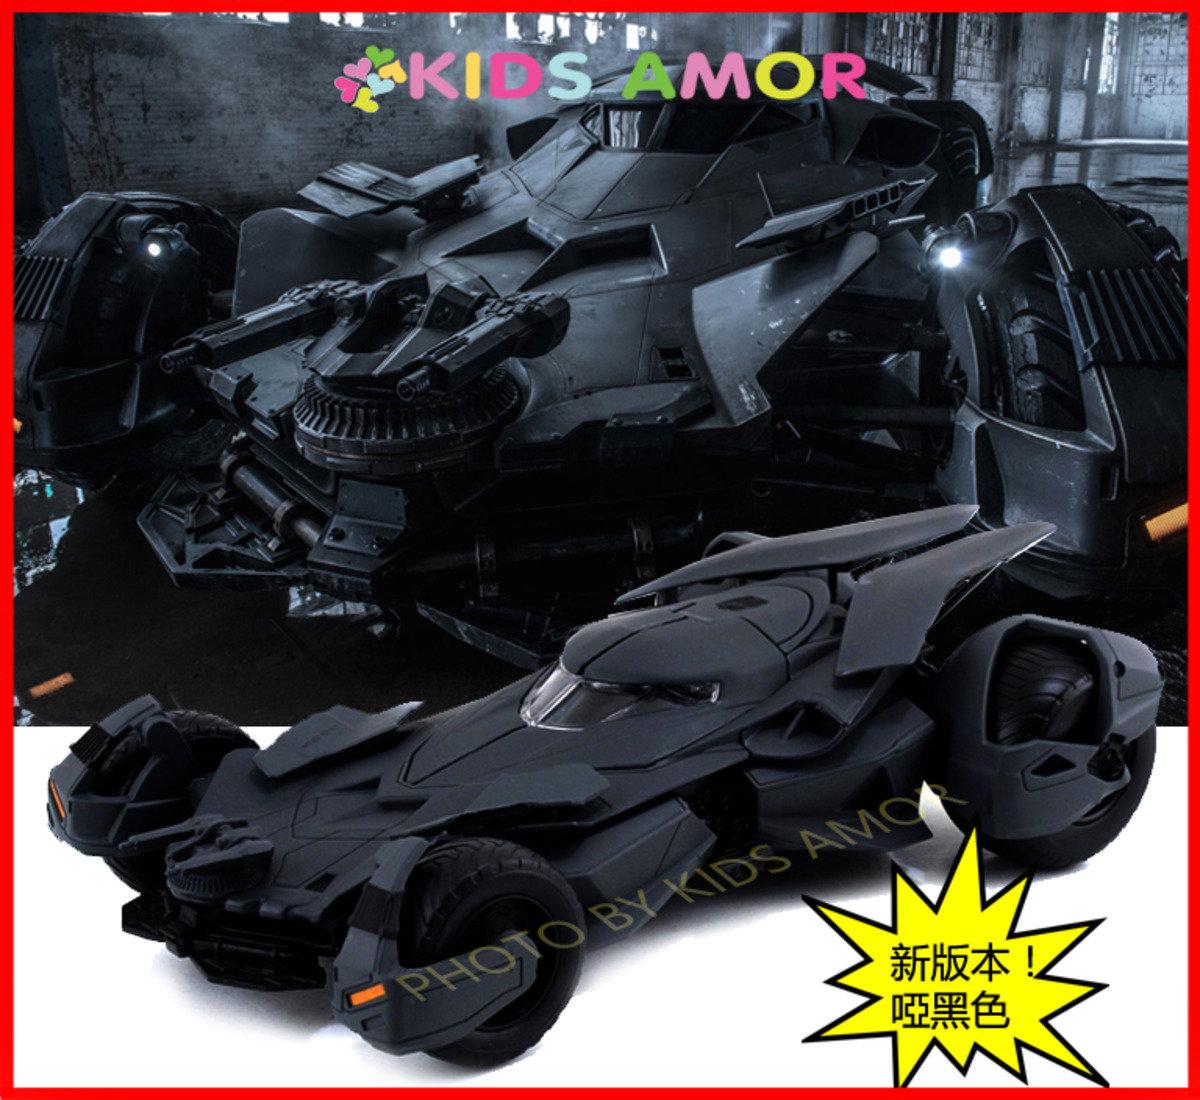 新款!蝙蝠俠對超人1:24正義曙光合金蝙蝠車